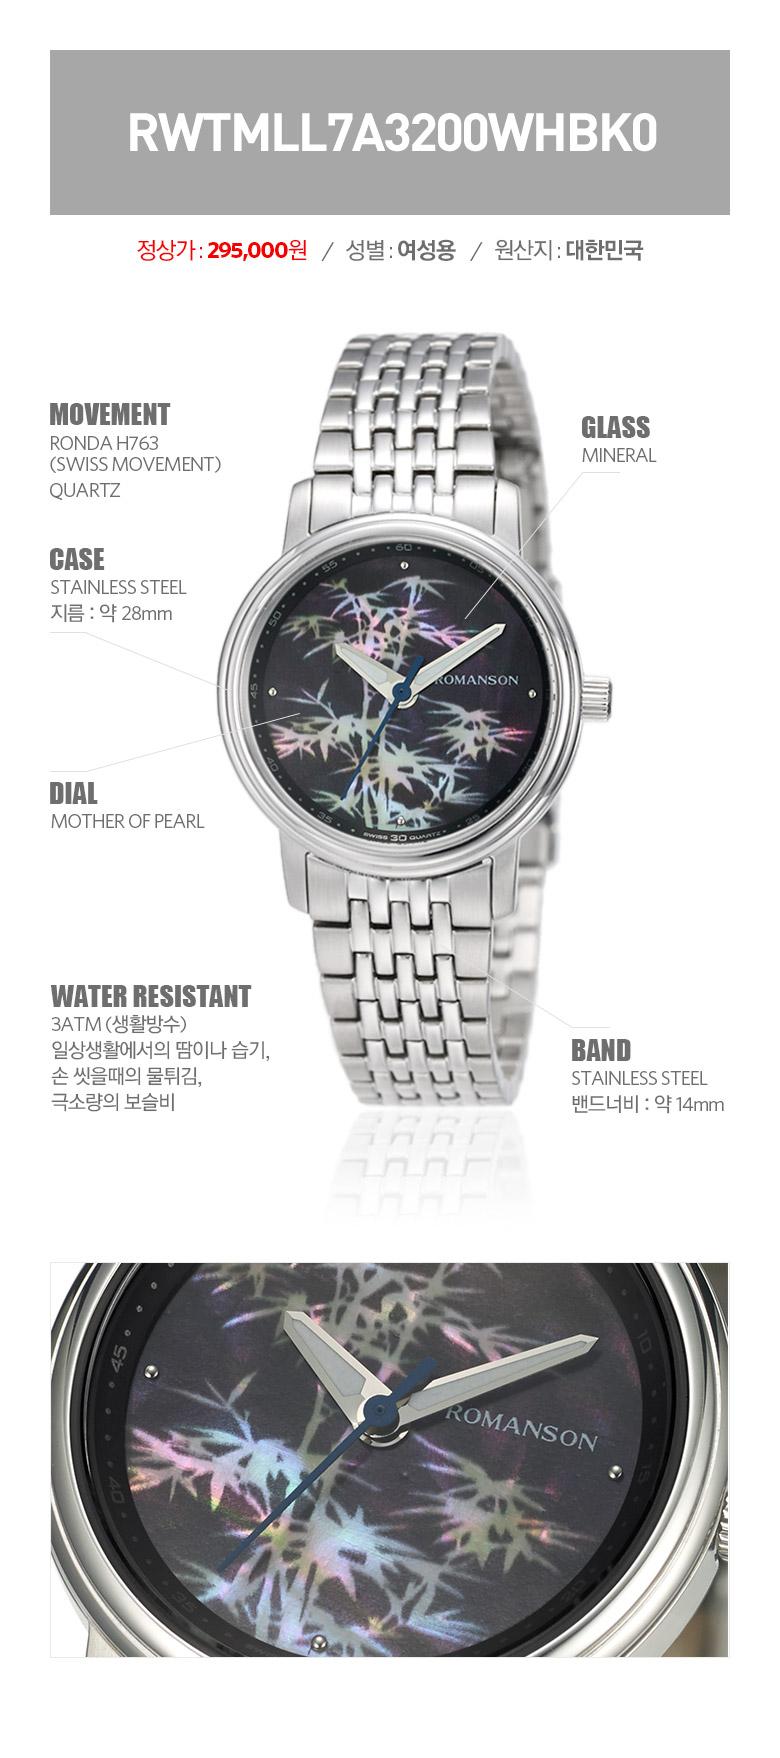 로만손(ROMANSON) 여성 메탈 시계 (RWTMLL7A3200WHBK0)